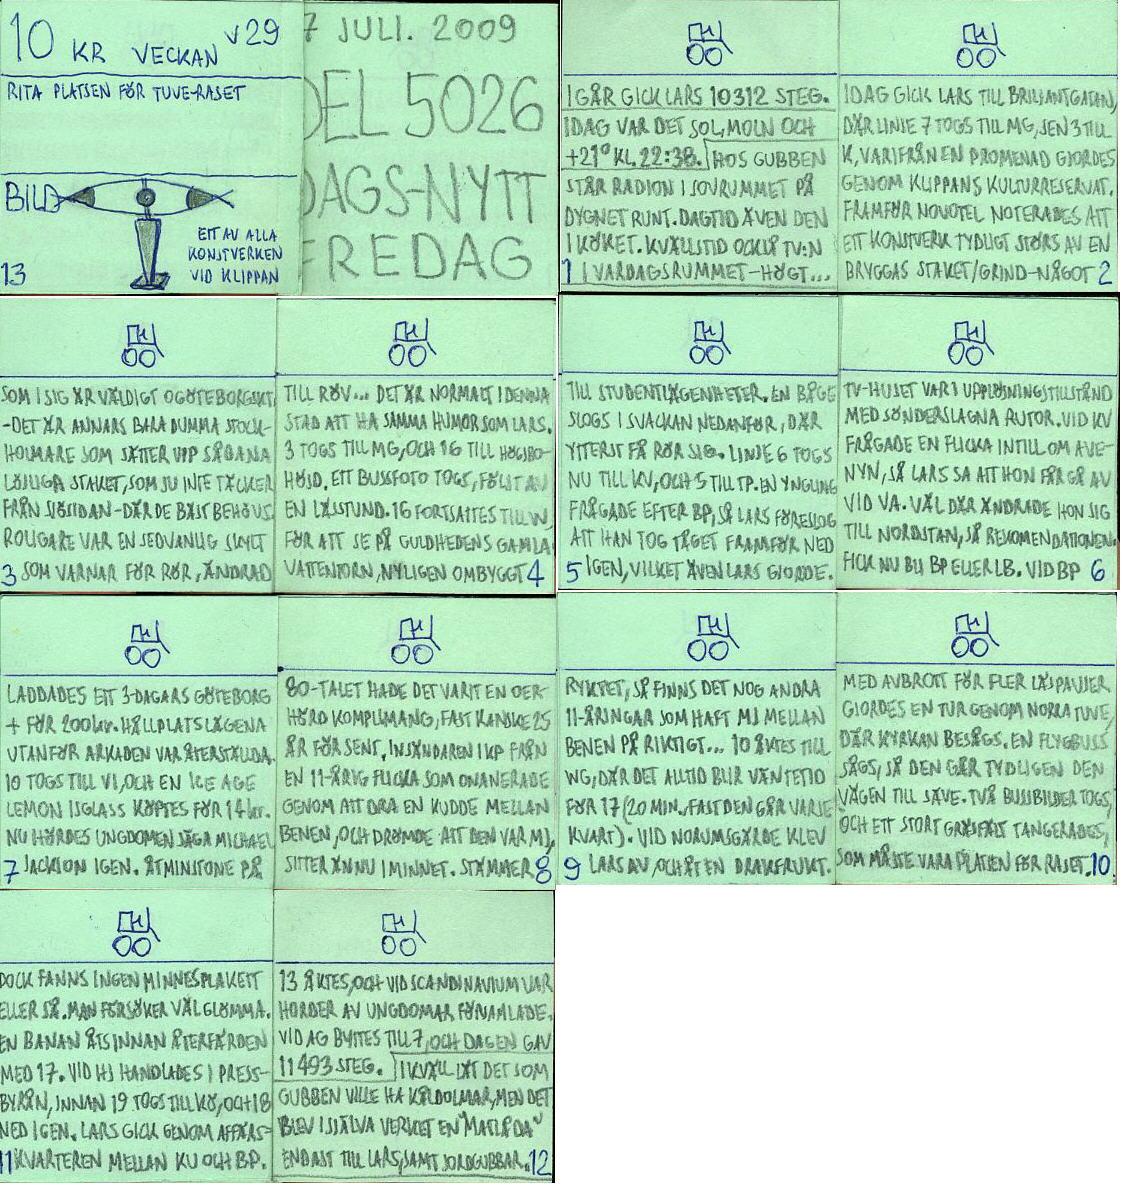 Dags-Nytt 17 juli 2009